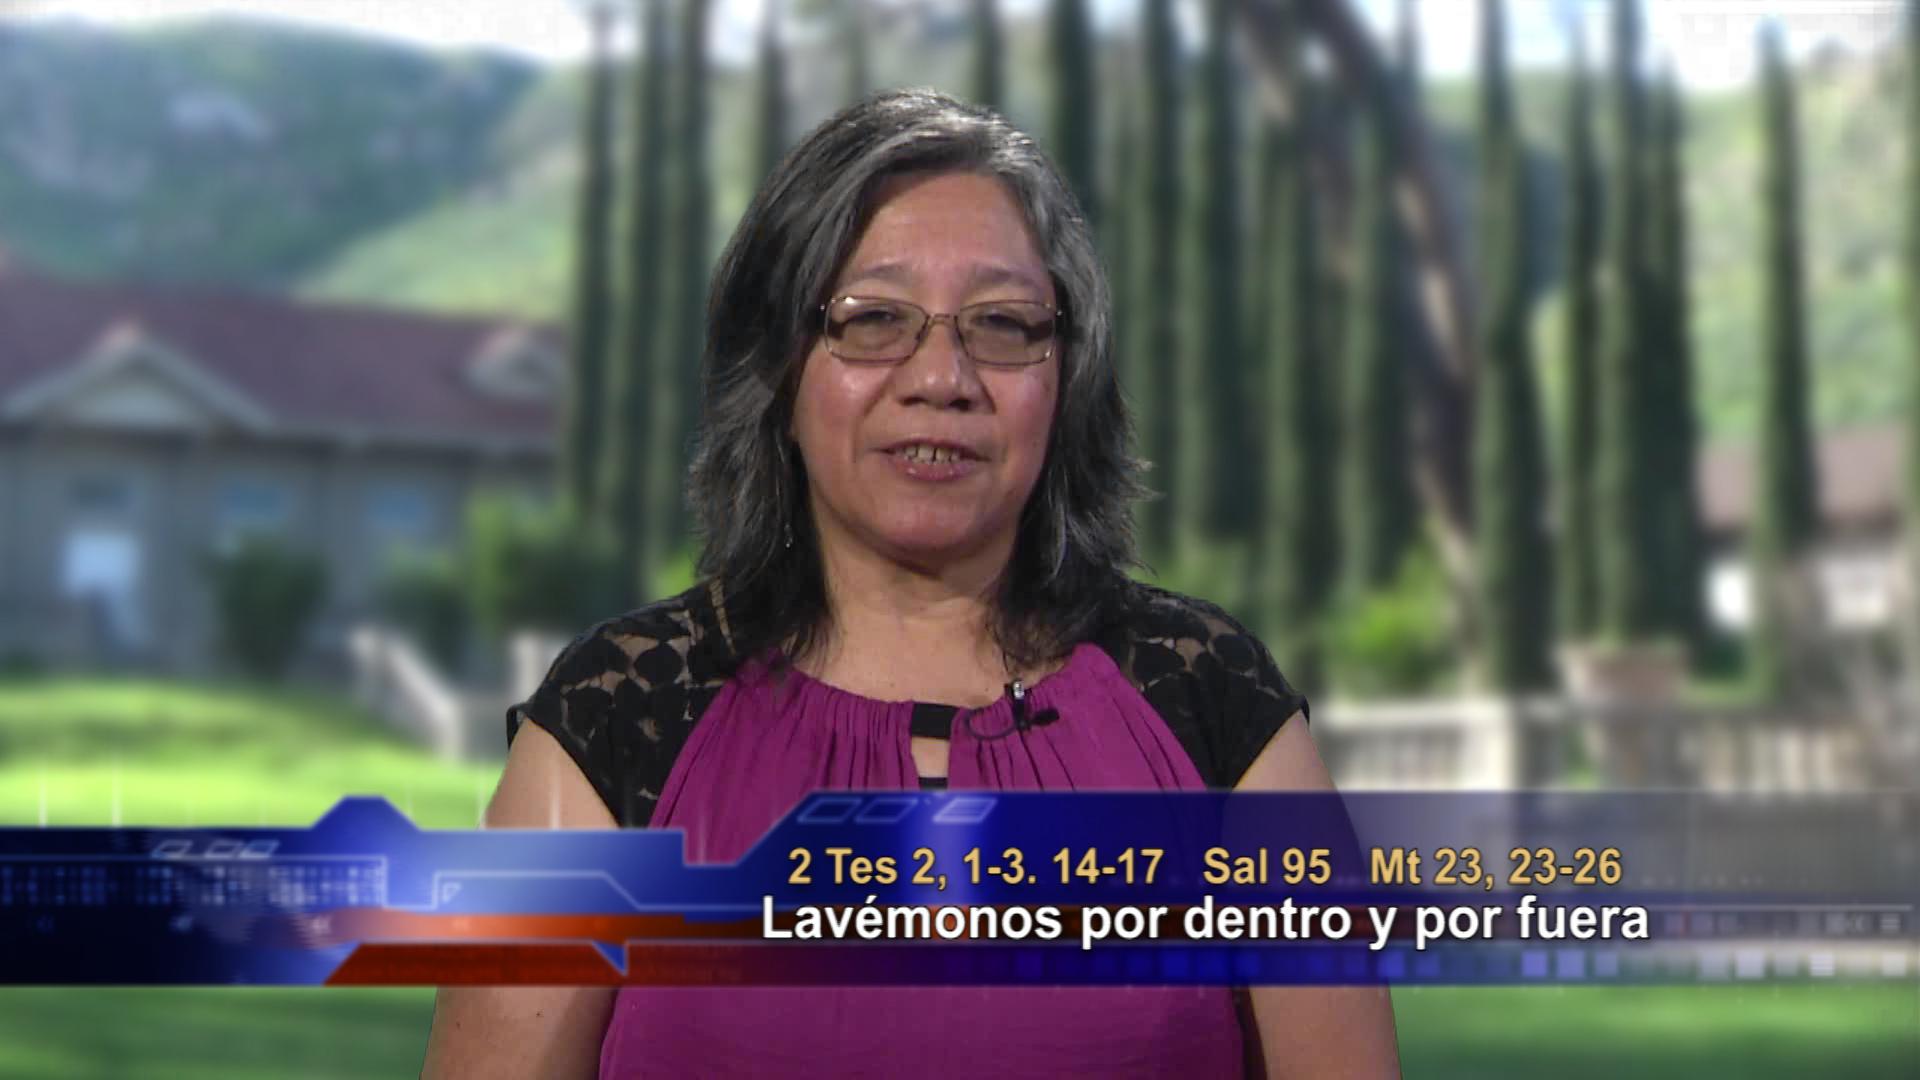 Artwork for Dios te Habla con Lidia Mendoza; Tema el hoy: Lavémonos por dentro y por fuera